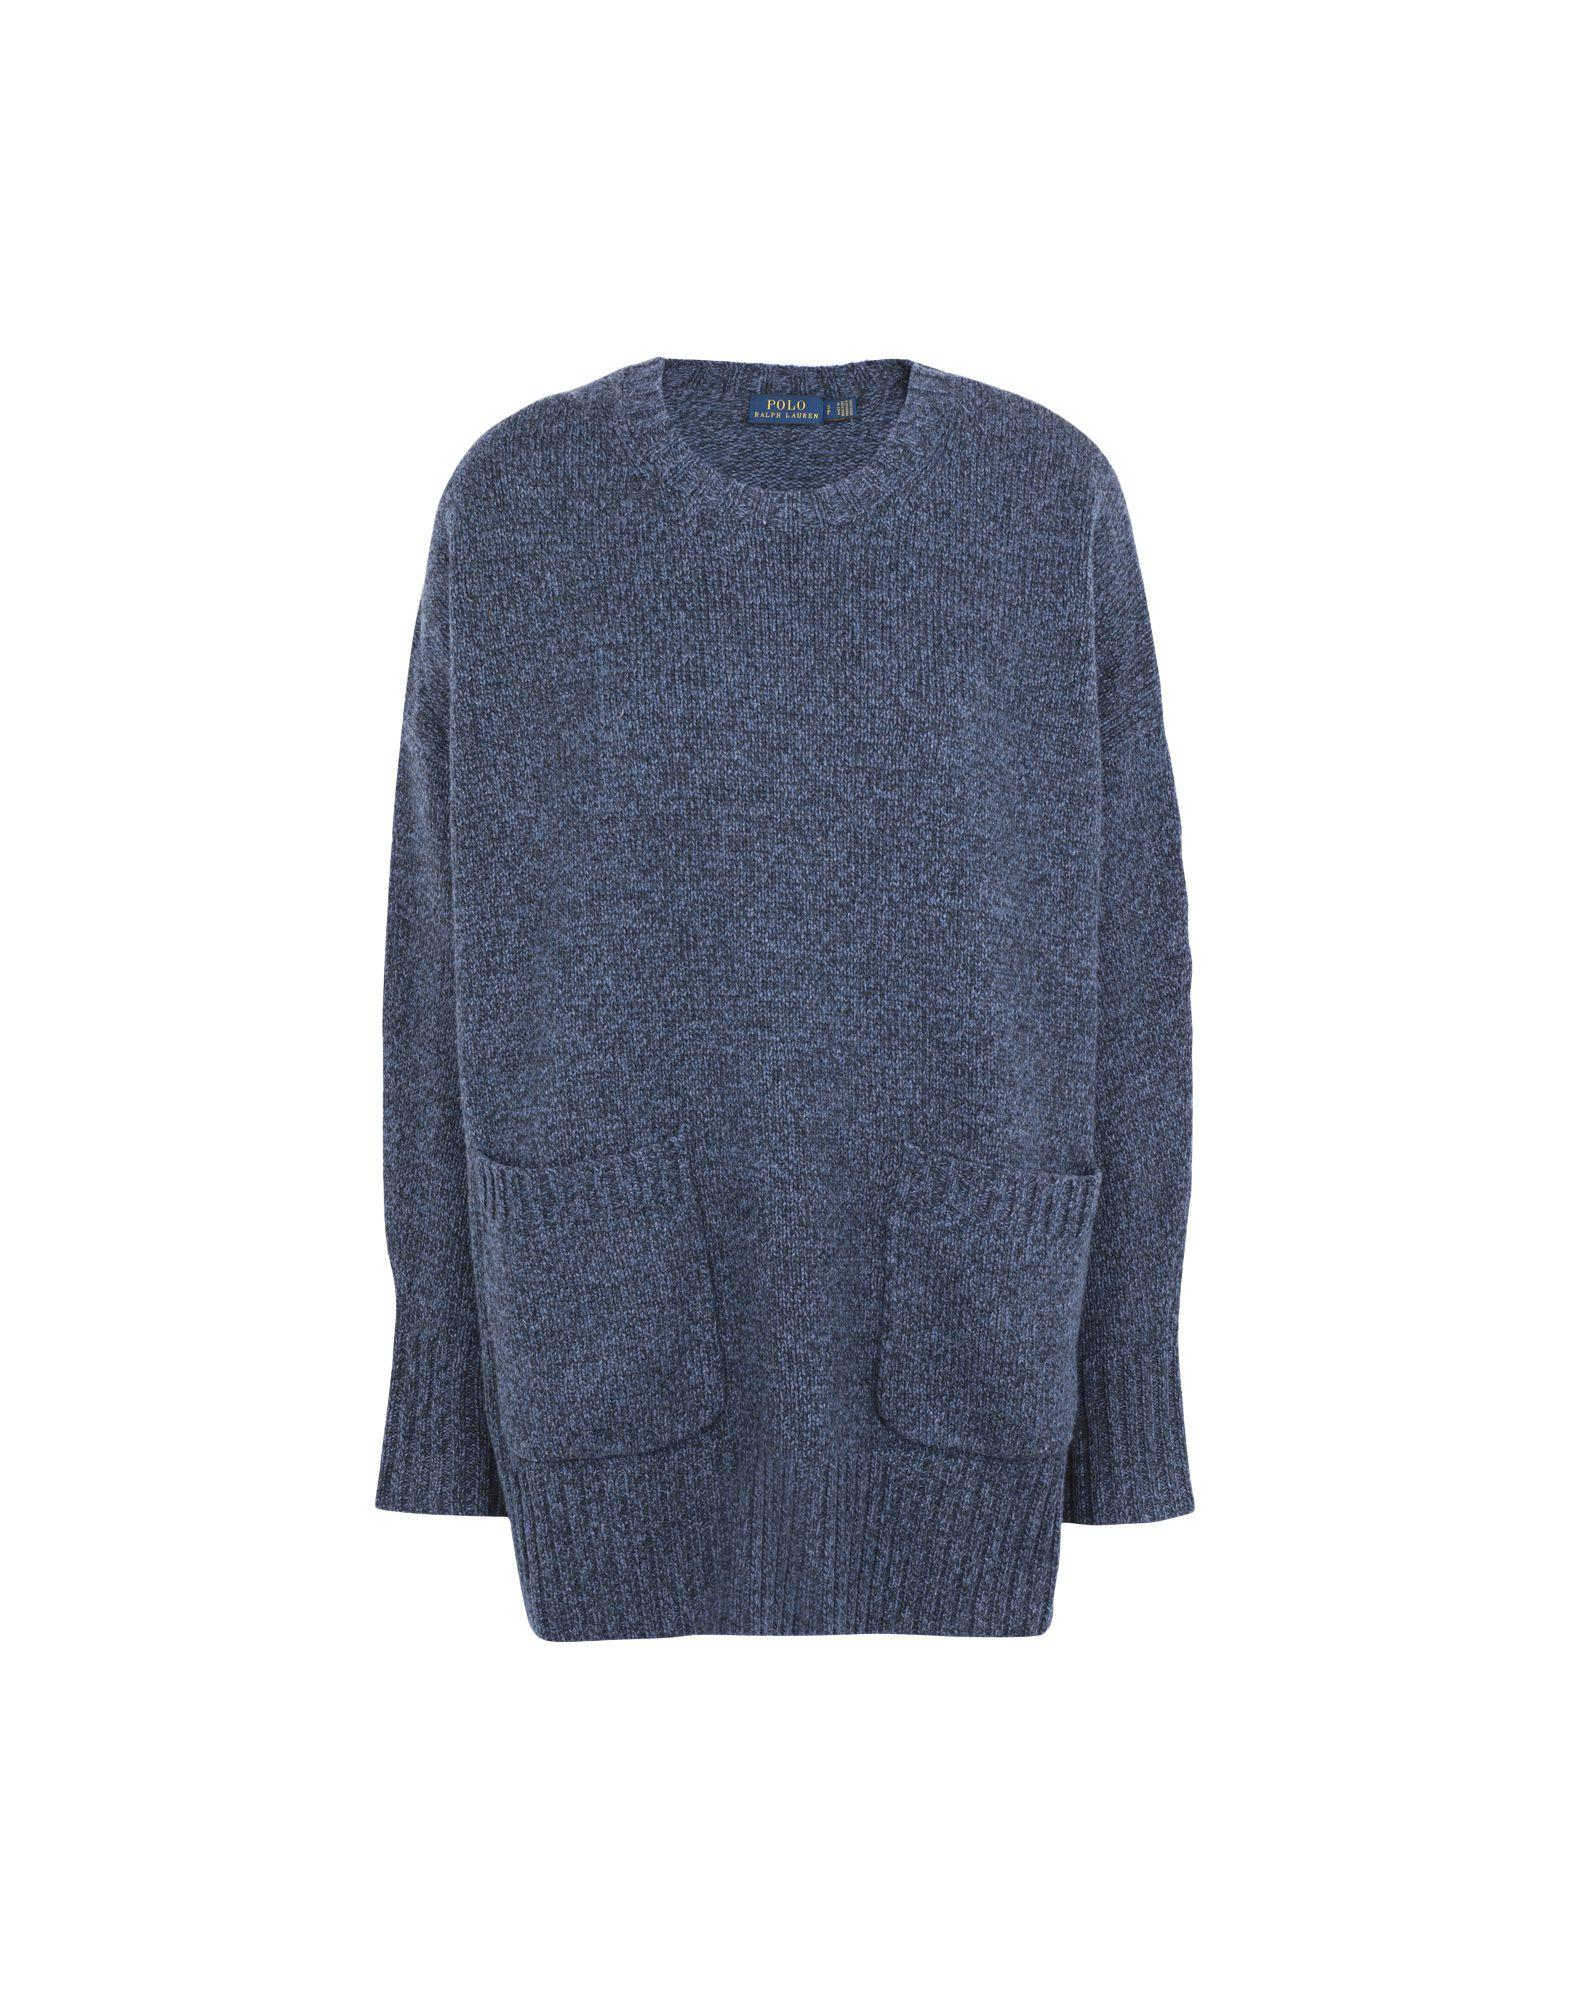 《送料無料》POLO RALPH LAUREN レディース プルオーバー ブルーグレー XS ウール 90% / カシミヤ 10% Wool/Cashmere sweater w-pocket